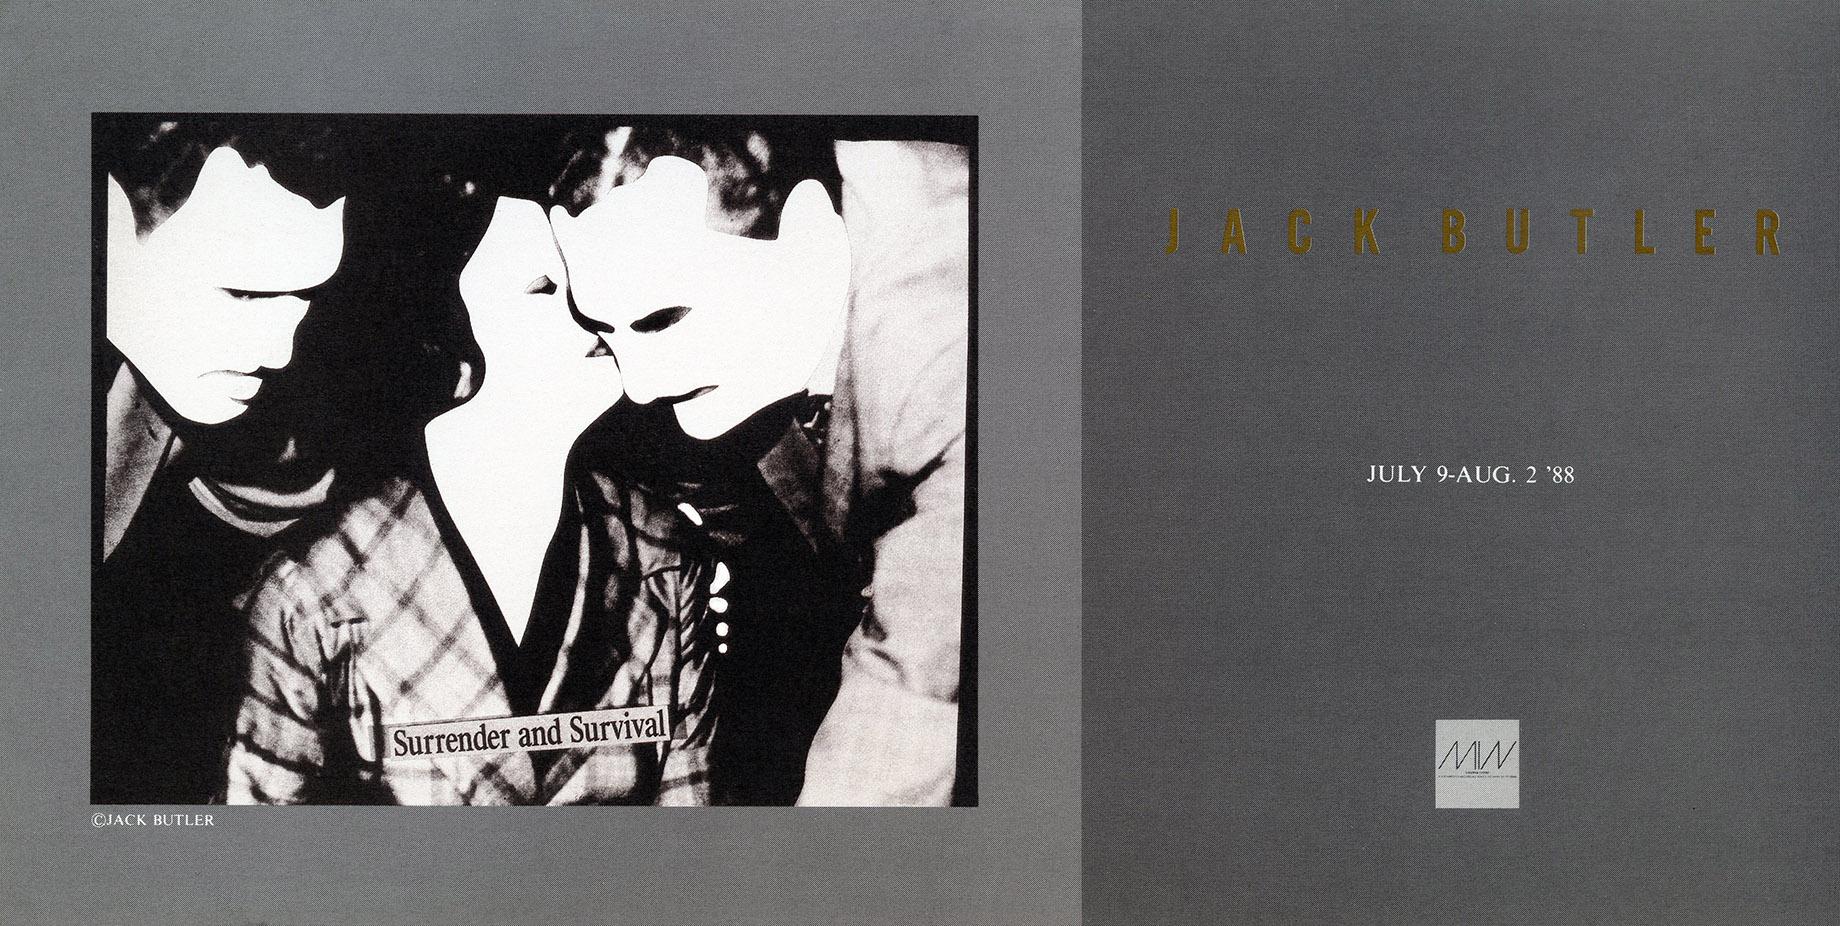 Exhibition, Min Gallery, Tokyo, Japan 1988